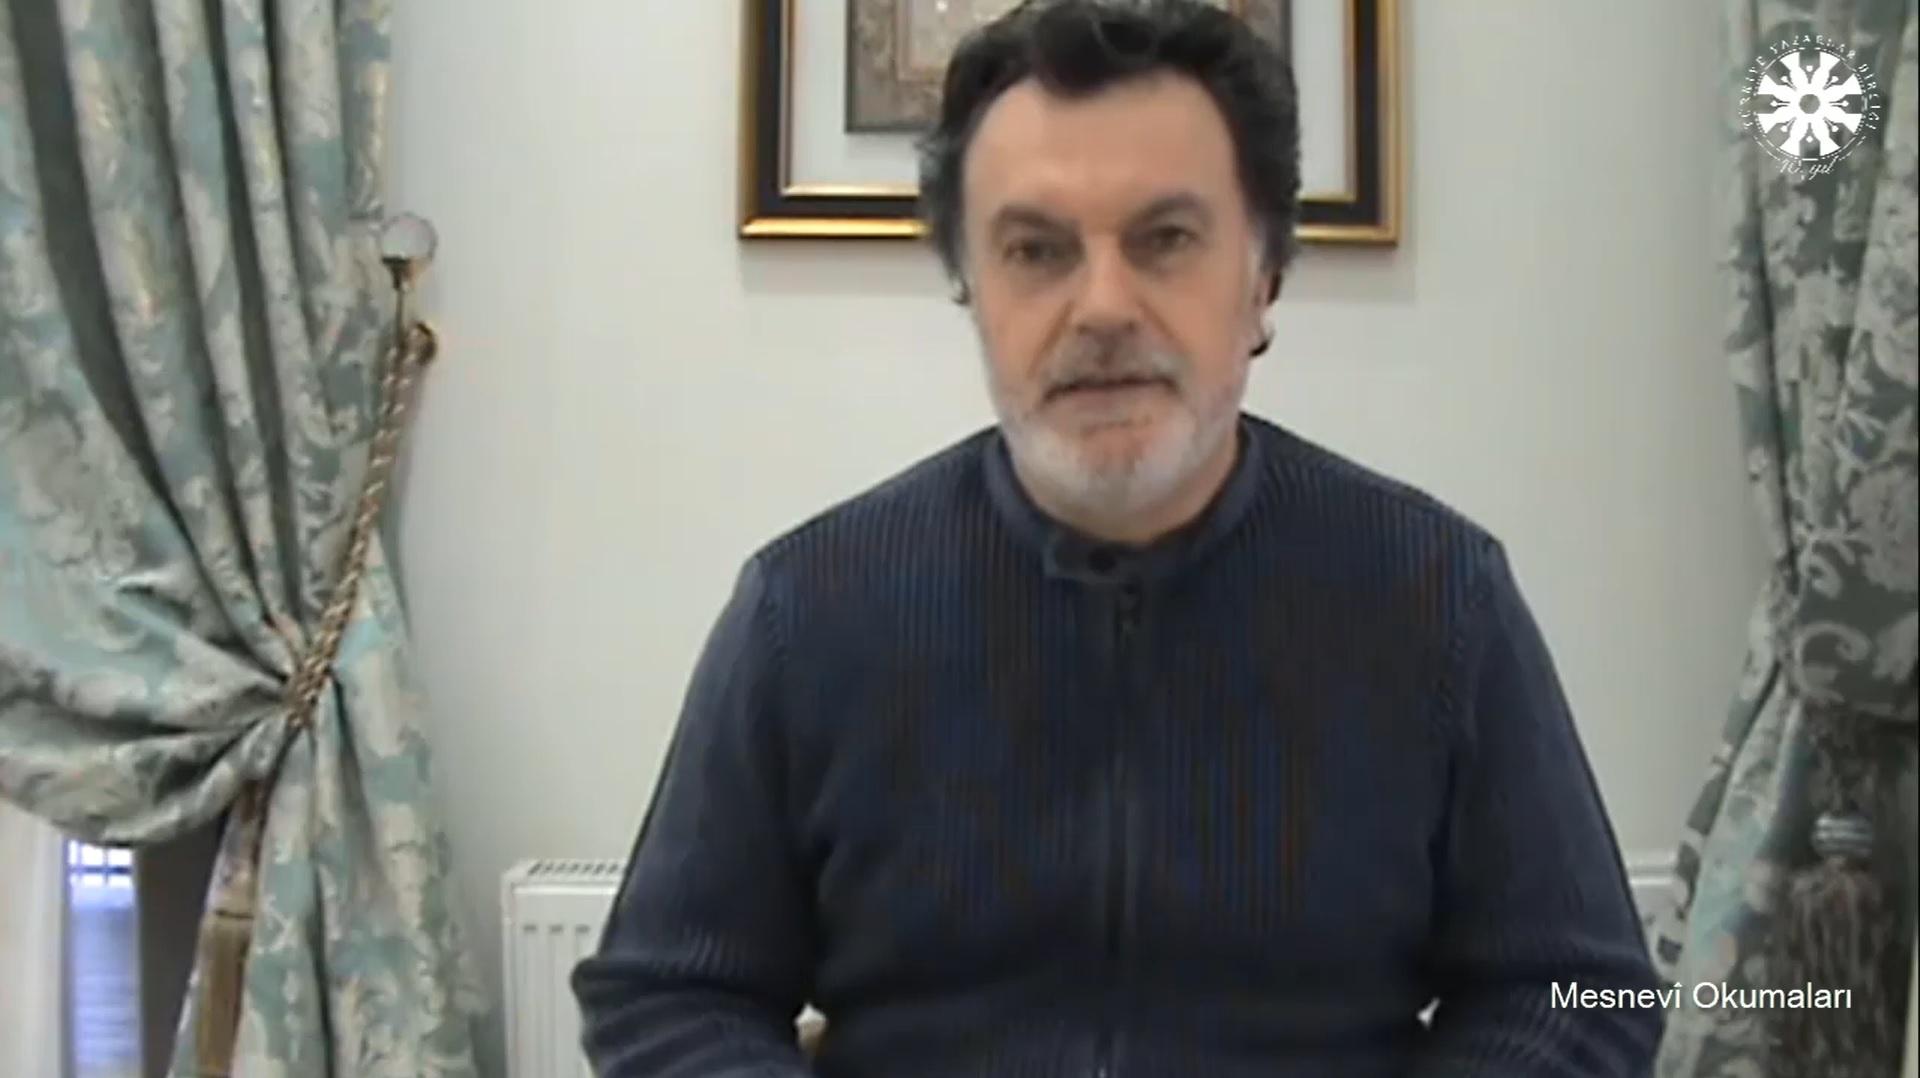 Mesnevî Okumaları -100- Prof. Dr. Hicabi Kırlangıç